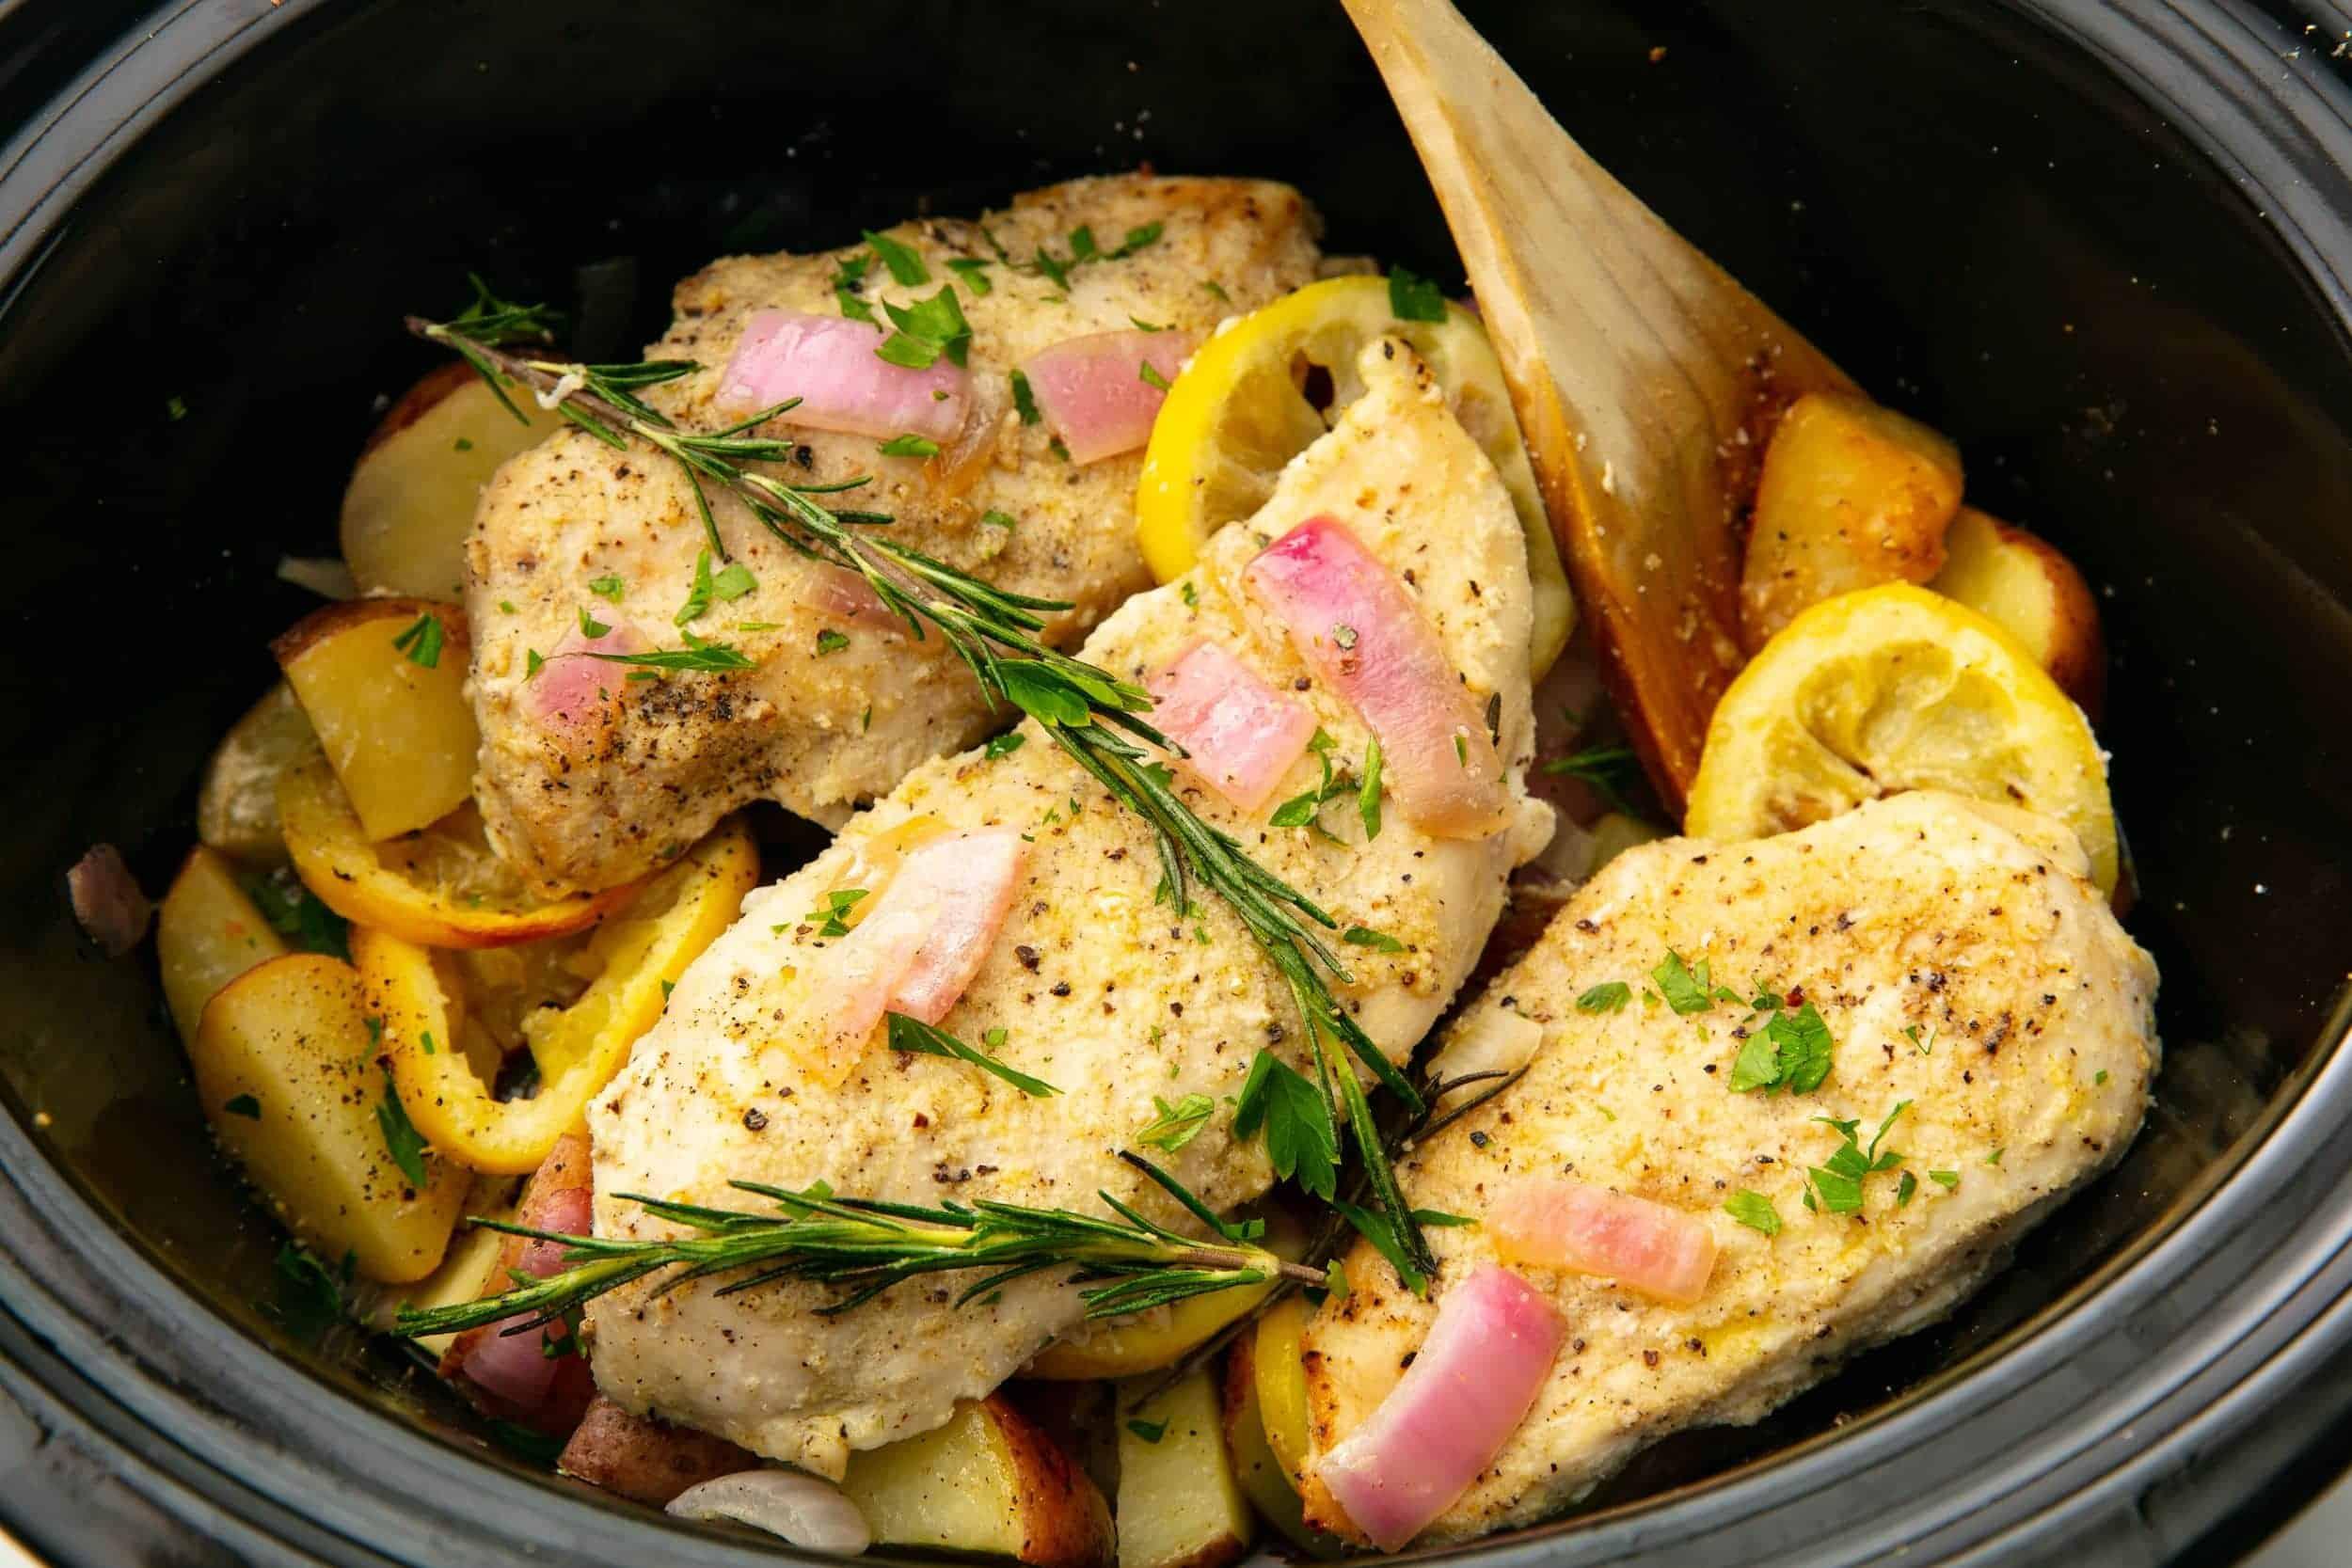 Cooking a crock pot recipe